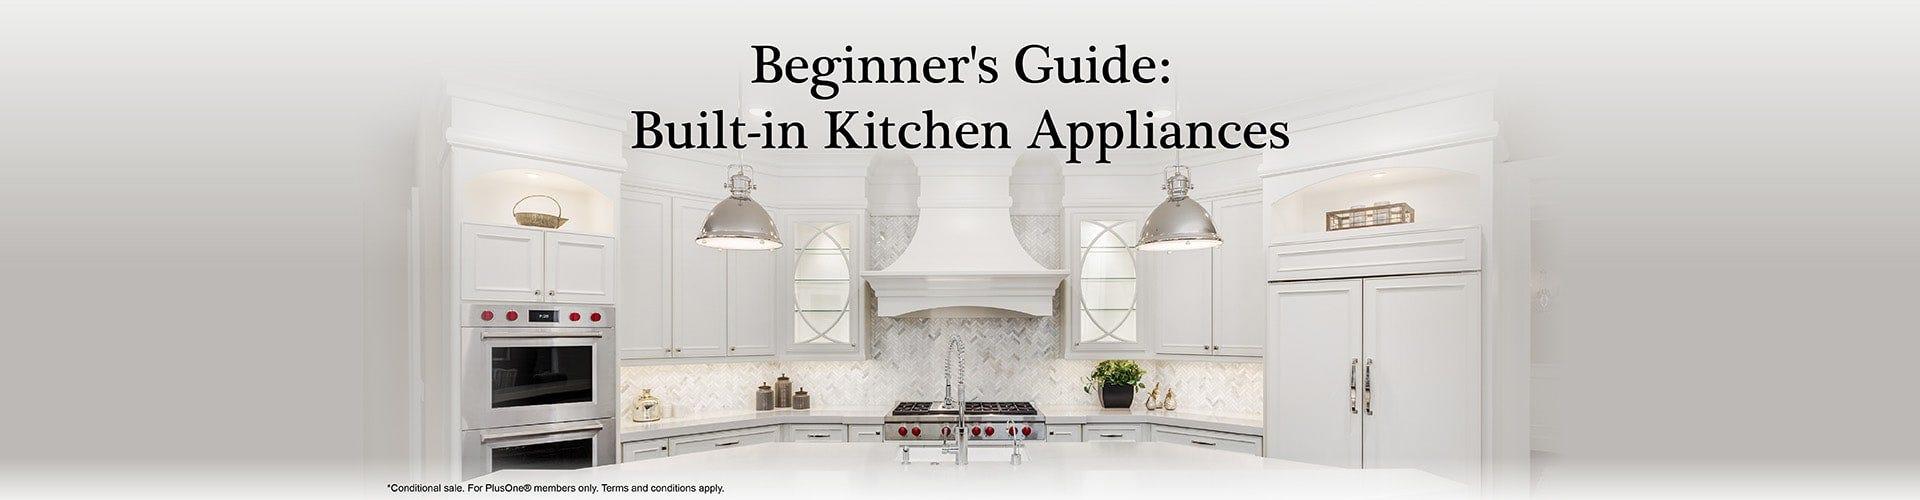 Built-in Kitchen Appliances Main Banner